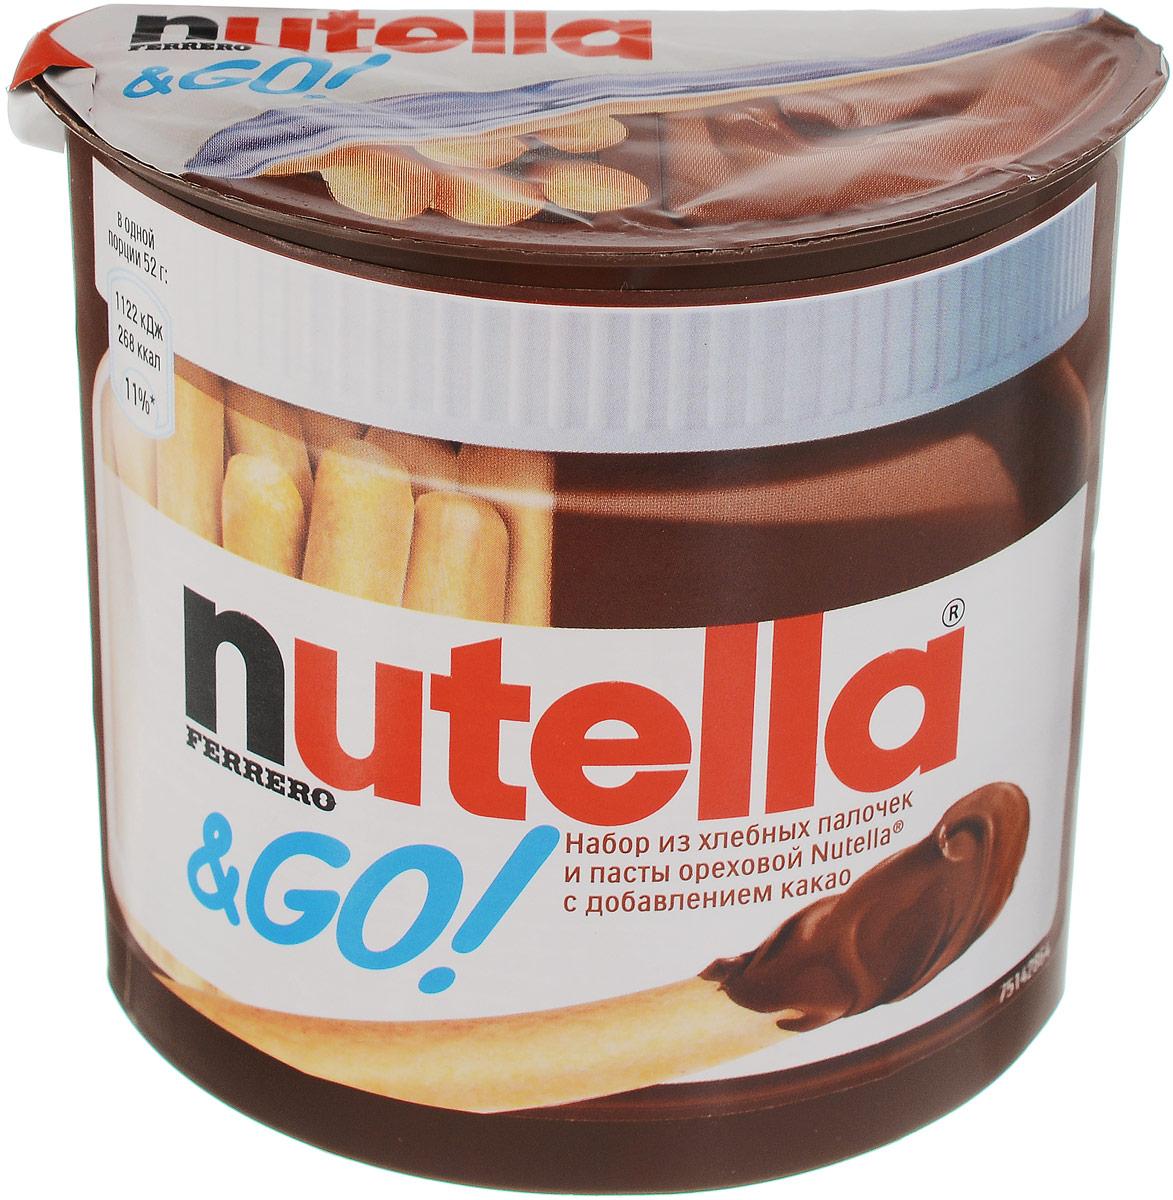 Nutella&Go: набор из хлебных палочек и пасты ореховой Nutella с добавлением какао, 52 г nutella паста ореховая с добавлением какао 3 кг